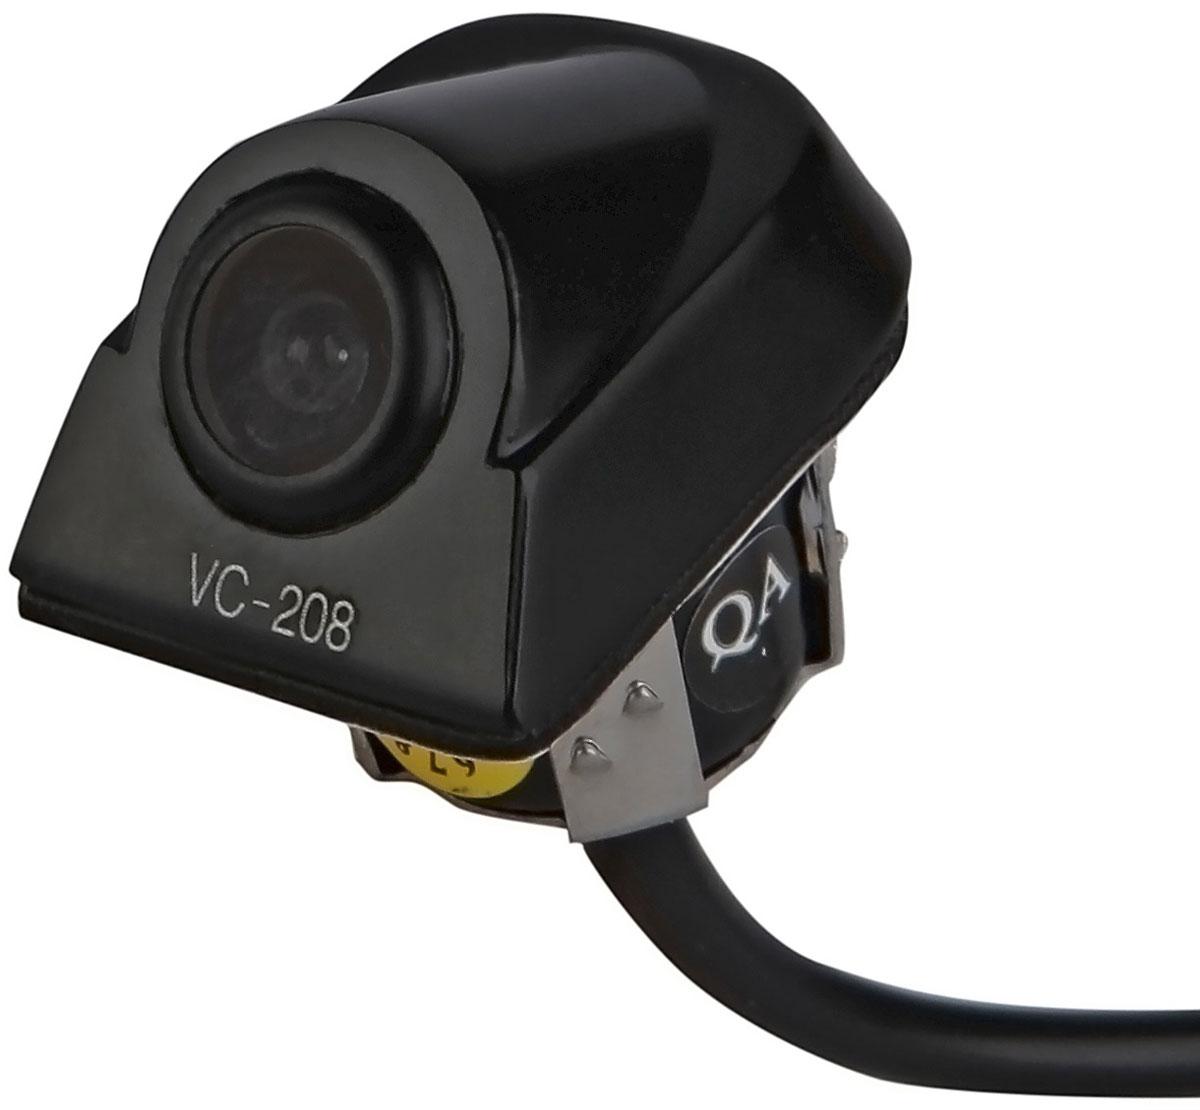 AutoExpert VC 208, Black автомобильная камера заднего вида2012506252089Современный ритм жизни диктует свои правила, и все больше людей обзаводятся автомобилями. Это приводит к тому, что машин в городах становится все больше, а из-за обилия машин многие люди испытывают трудности с парковкой. Камера заднего вида AutoExpert VC 208 позволяет уверенно чувствовать себя водителям, совершающим маневры при движении задним ходом. Это устройство экономит время при парковке, а главное нервы, особенно начинающим автомобилистам. С камерой заднего вида AutoExpert VC 208 не стоит бояться наехать на бордюр или столкнуться с другим автотранспортом. Камера заднего вида AutoExpert VC 208 - идеальное решение для практичных автолюбителей. Количество пикселей: 648 х 488 Разрешение: 420 линий Угол обзора: 170 градусов Сигнал/шум: > 45 дБ Видеовыход: 1 В, 75 Ом Рабочая температура: -20 / +70°С Уровень защиты: IP66 (полная защита от пыли и воды) Парковочные линии (отключаемые) Изображение с камеры...